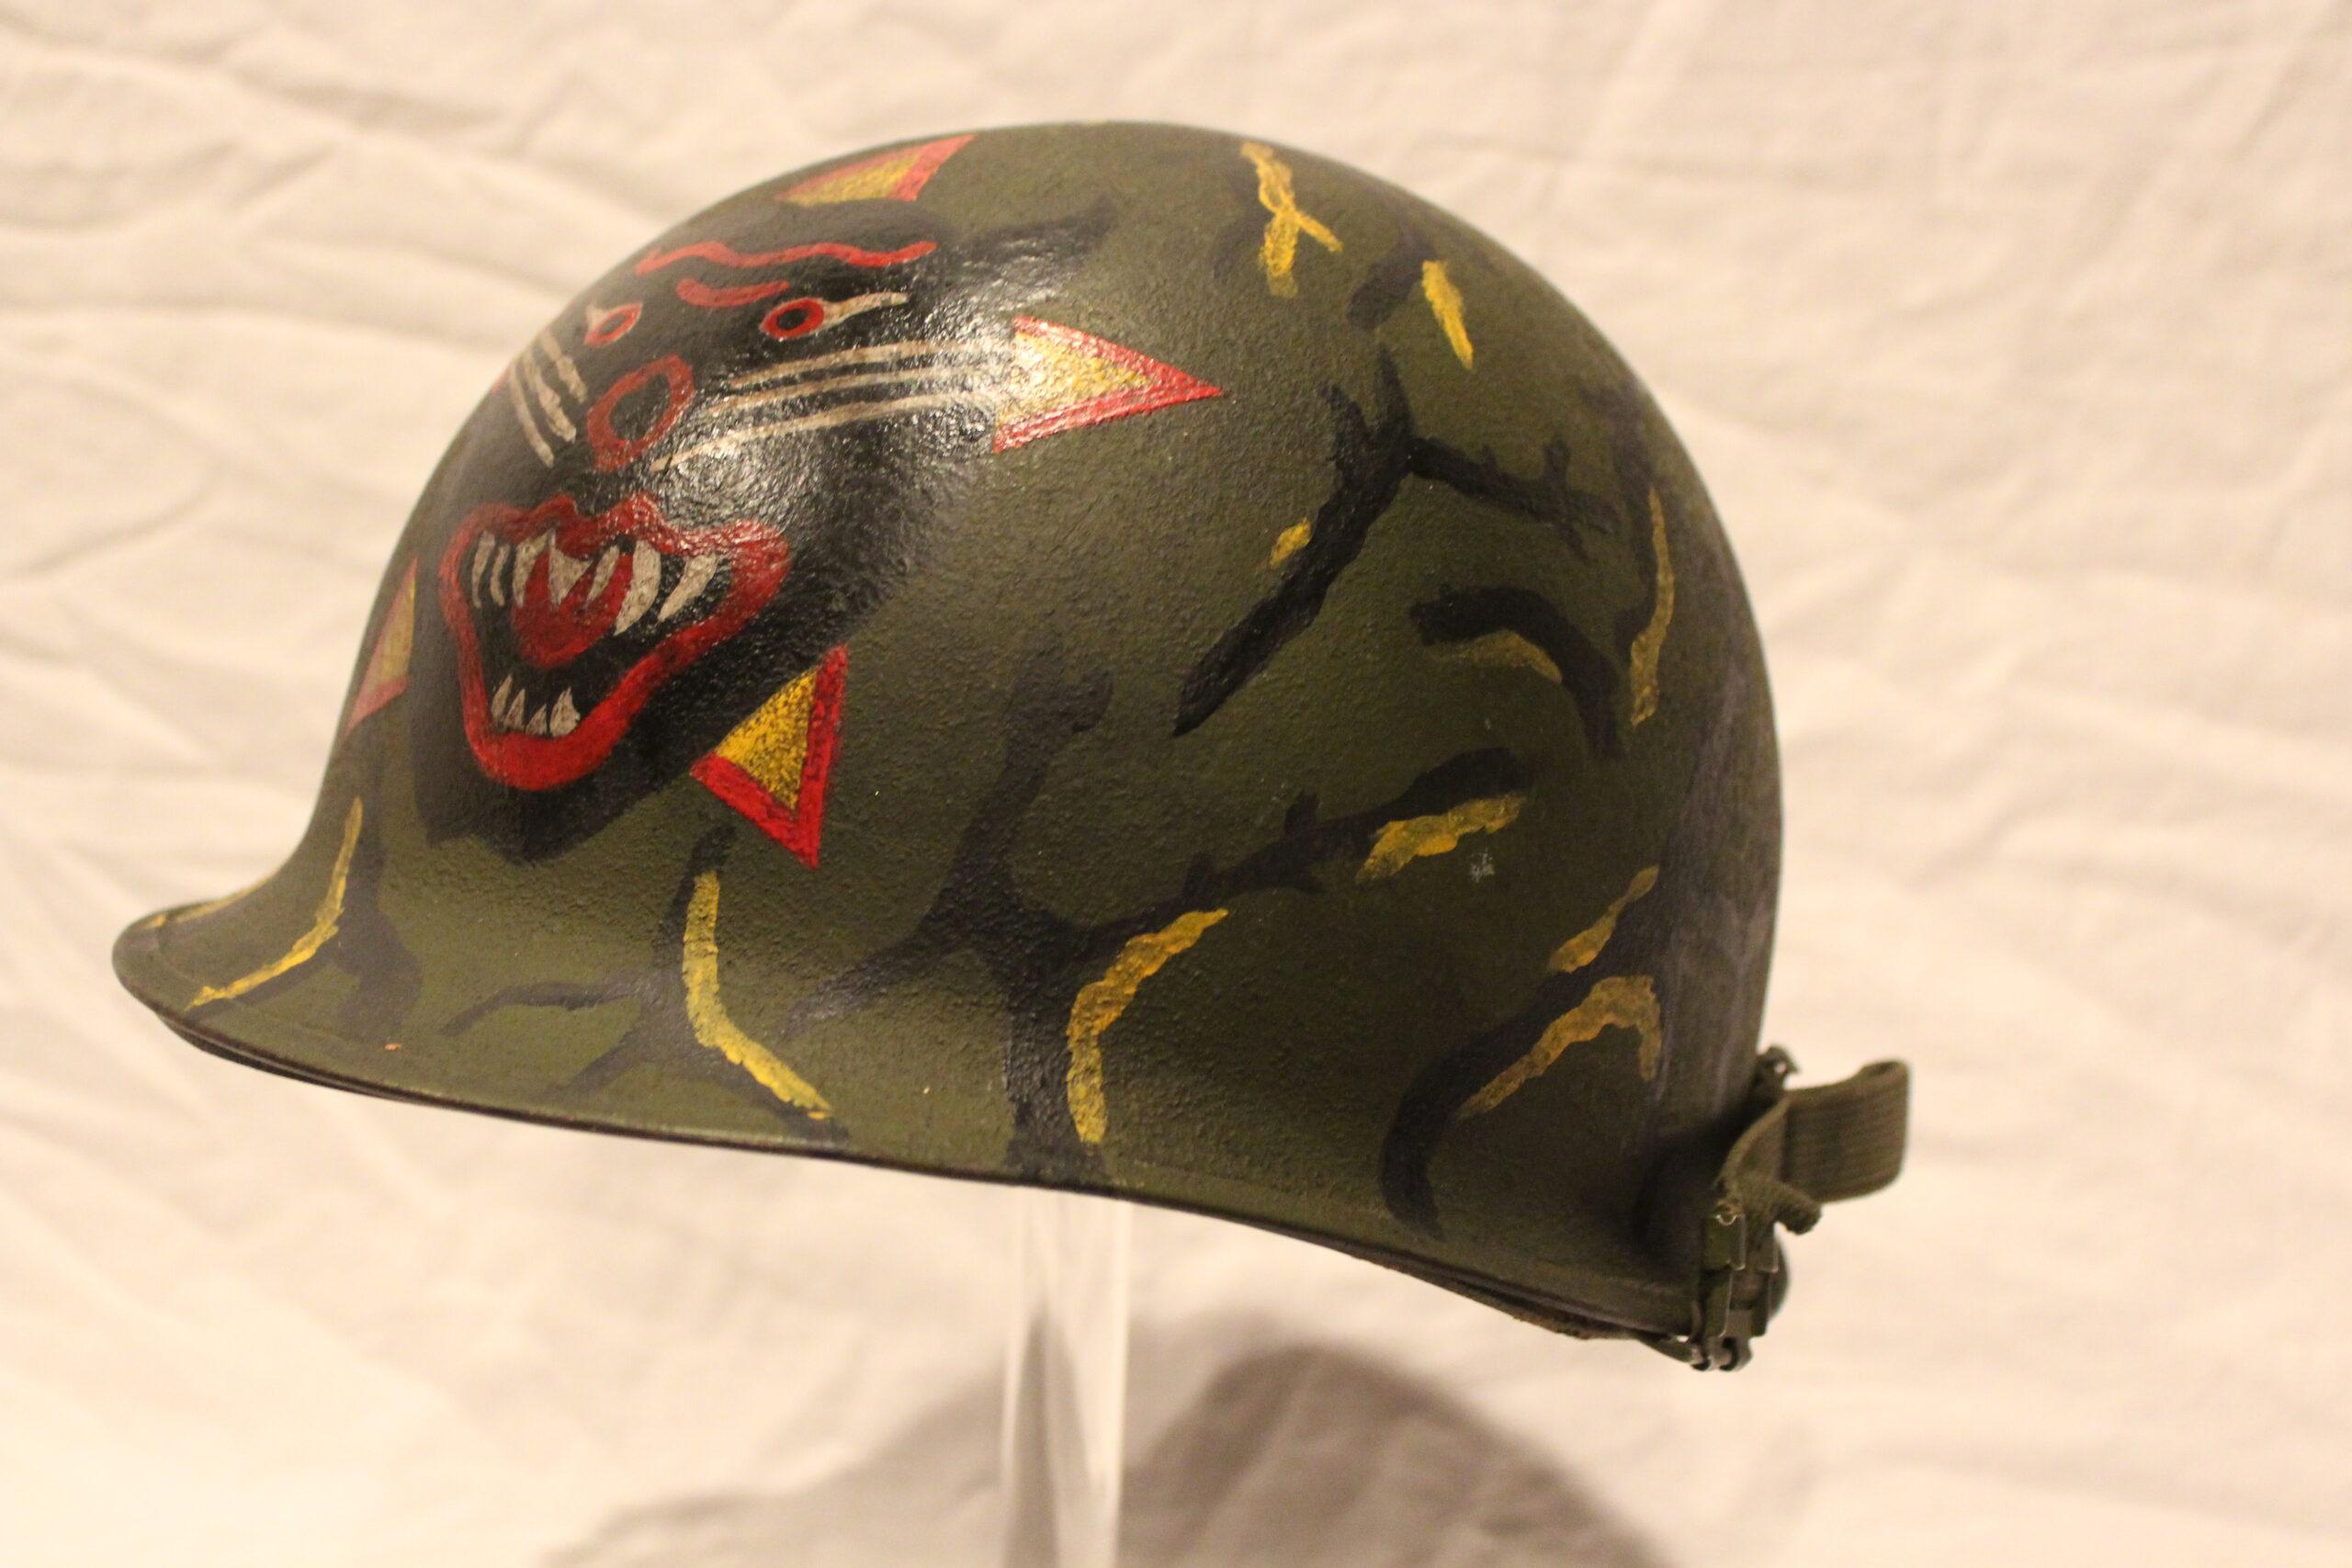 M1 ARVN Ranger helmet